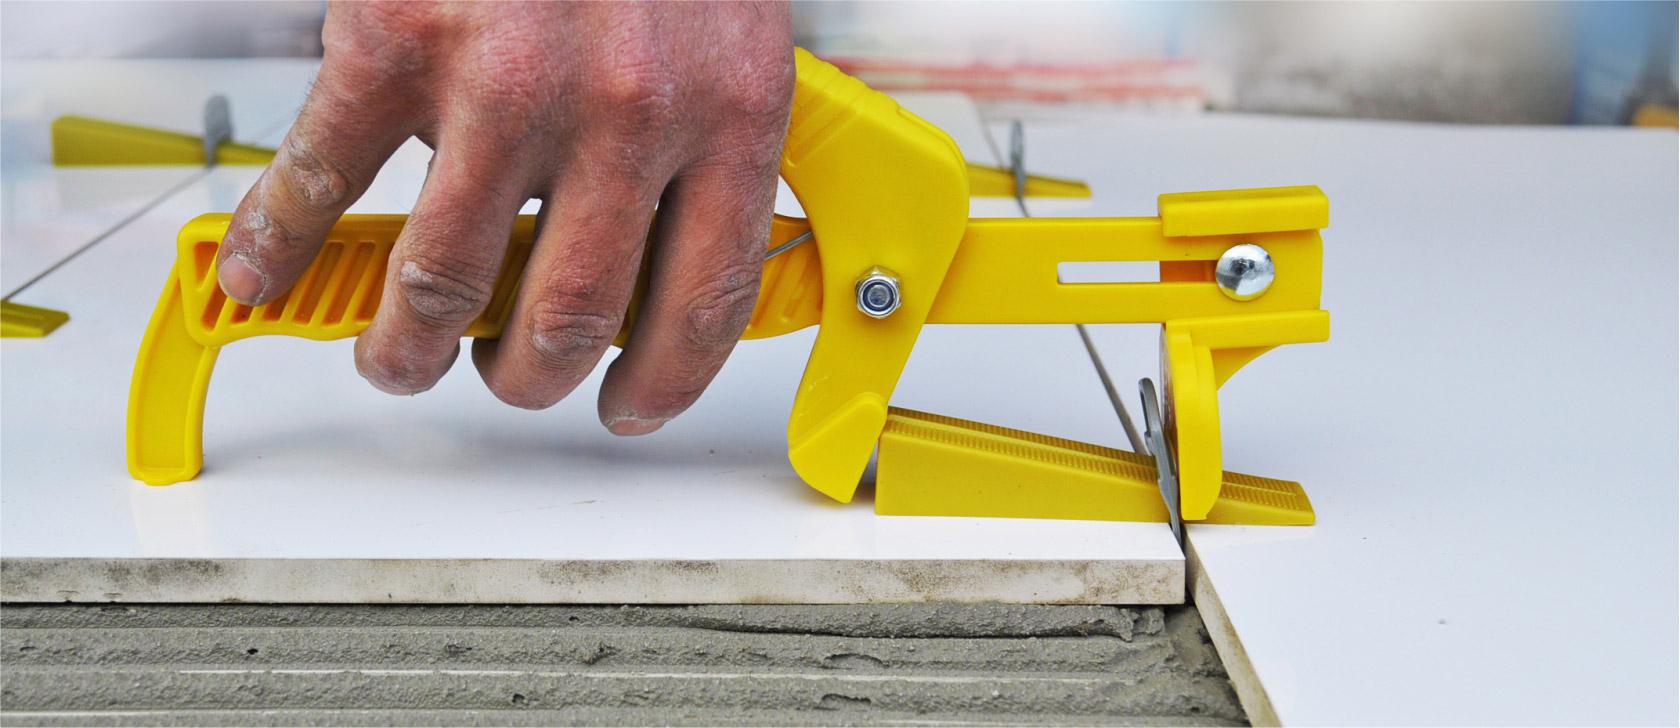 Vemat termoidraulica arredamento e sanitari via prenestina 1212 00132 roma - Distanziatori livellanti per piastrelle ...